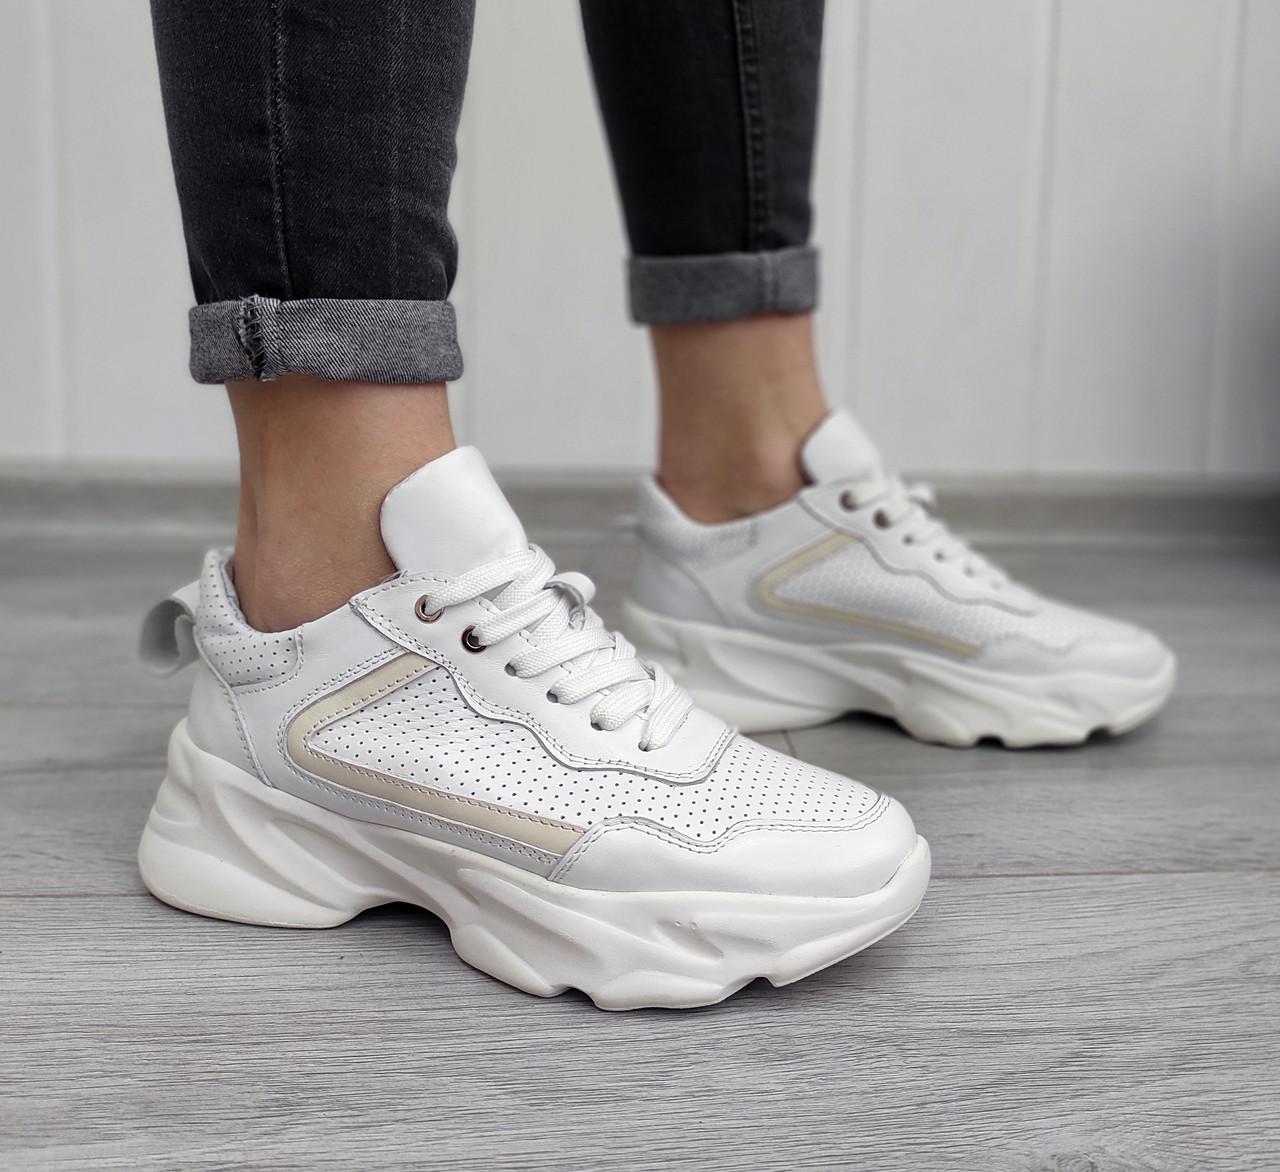 Білі шкіряні кросівки, перфорація наскрізна